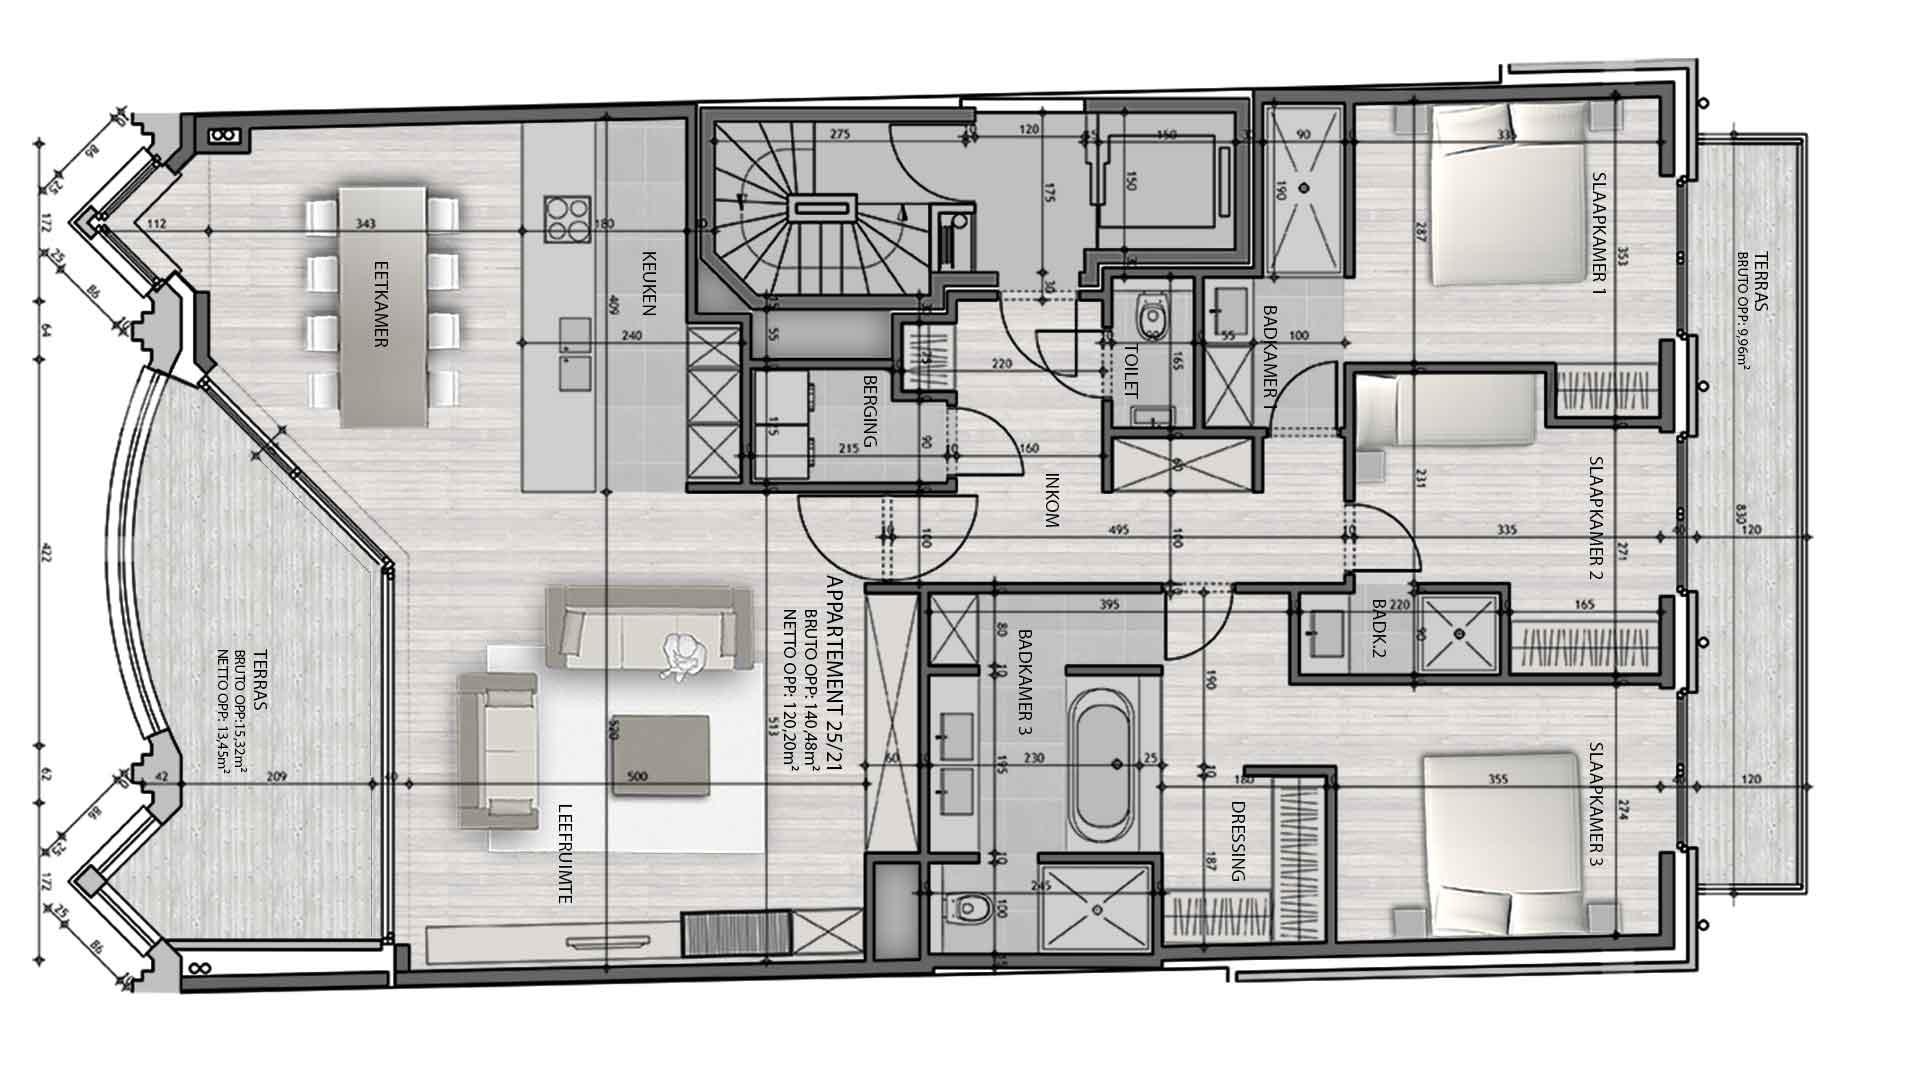 Residentie <br/> Berlage - image appartement-te-koop-knokke-residentie-berlage-21 on https://hoprom.be